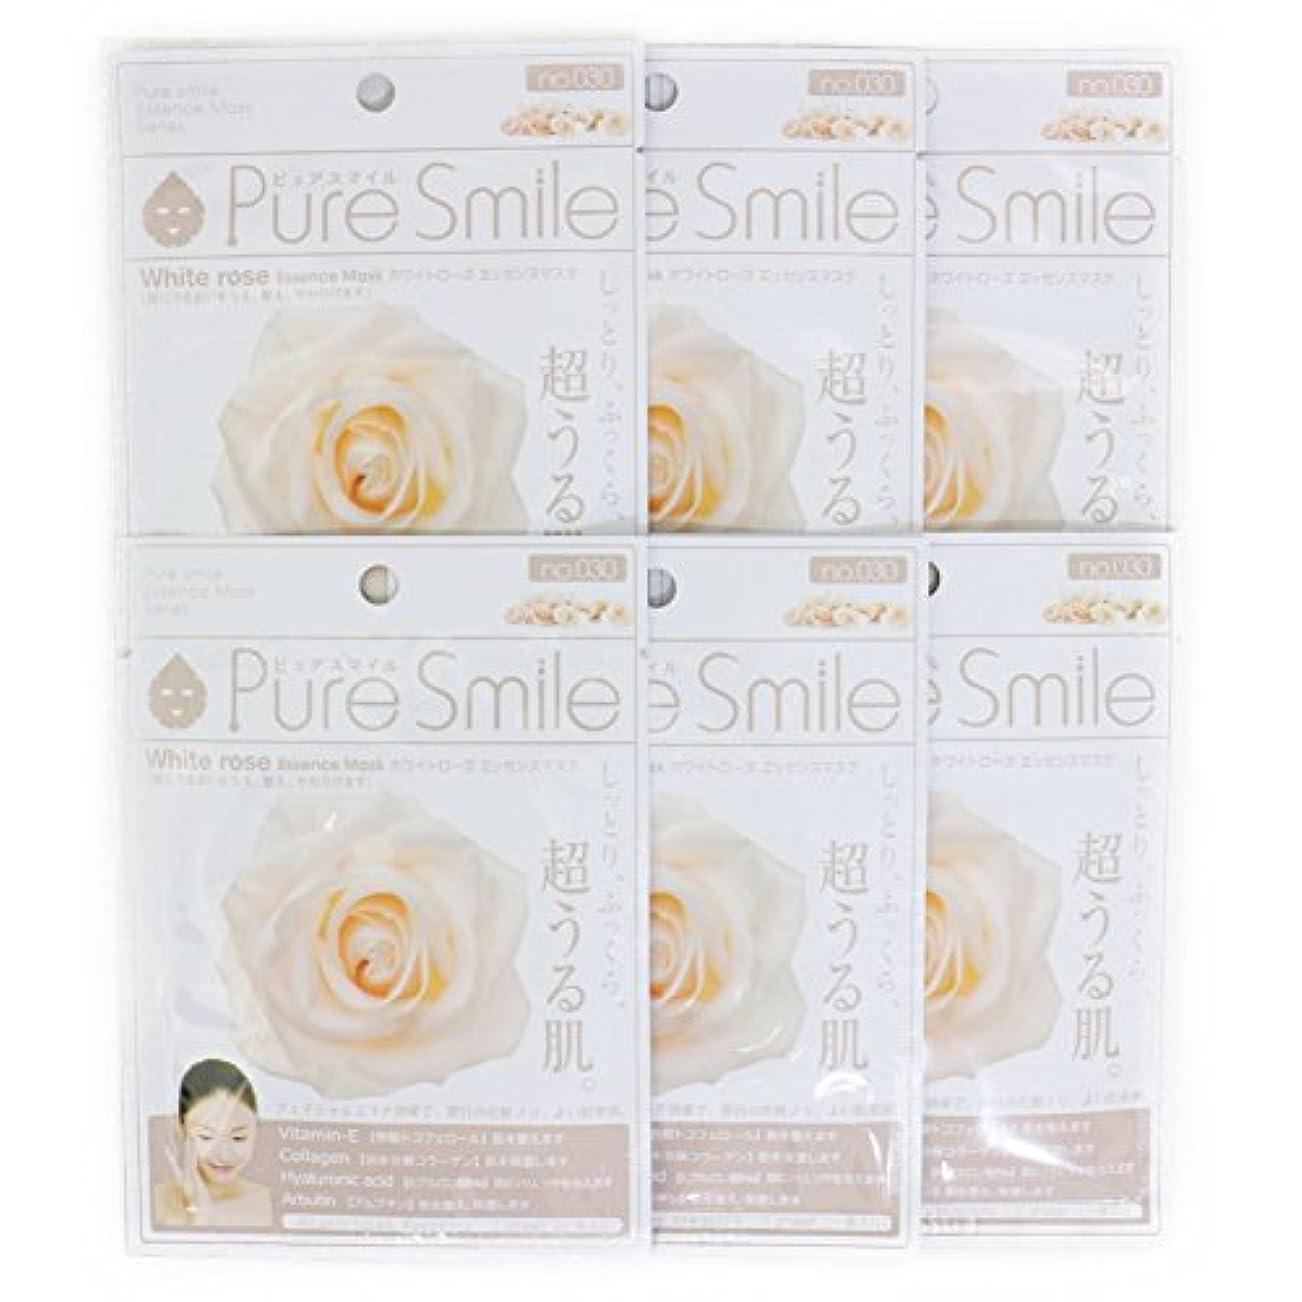 アライアンス欺健康的Pure Smile ピュアスマイル エッセンスマスク ホワイトローズ 6枚セット